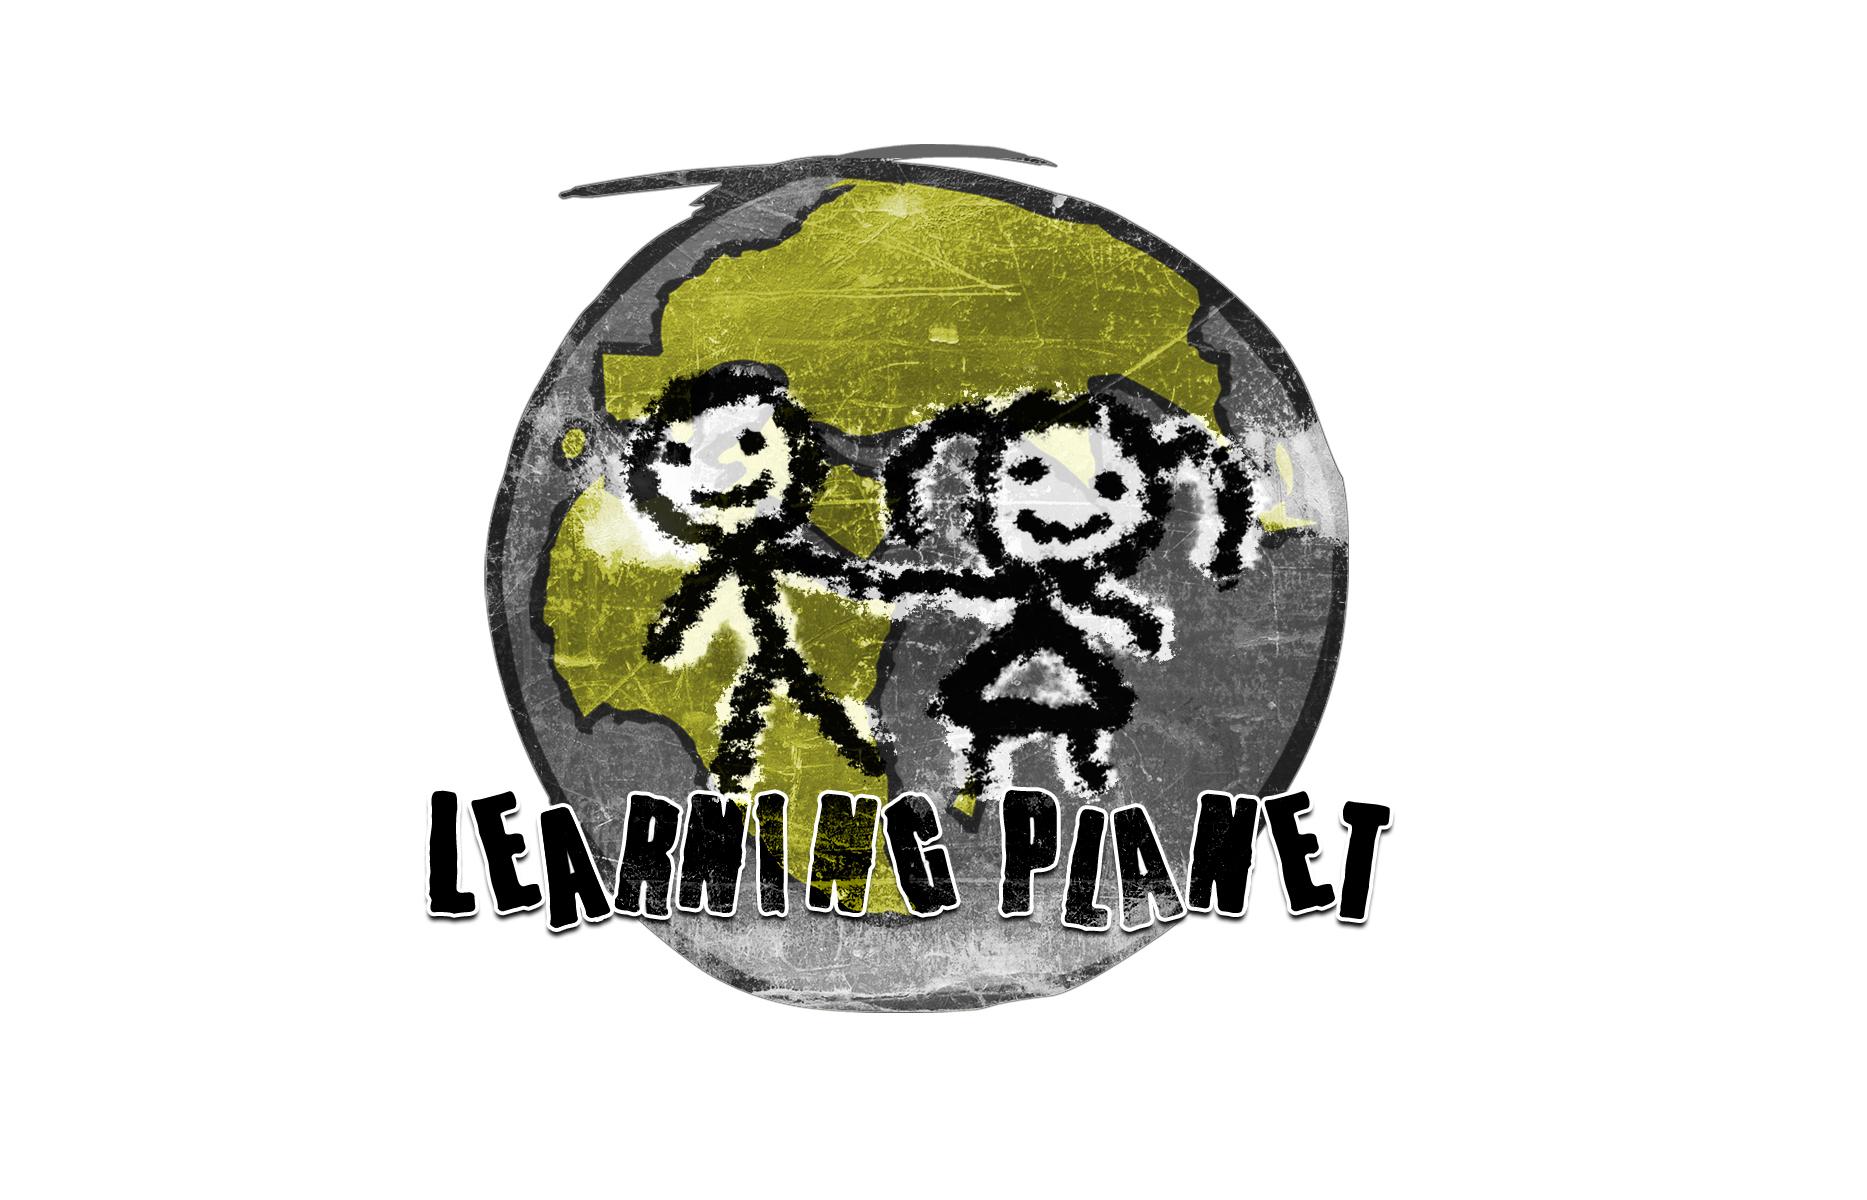 LEARNING PLANET LOGO.jpg